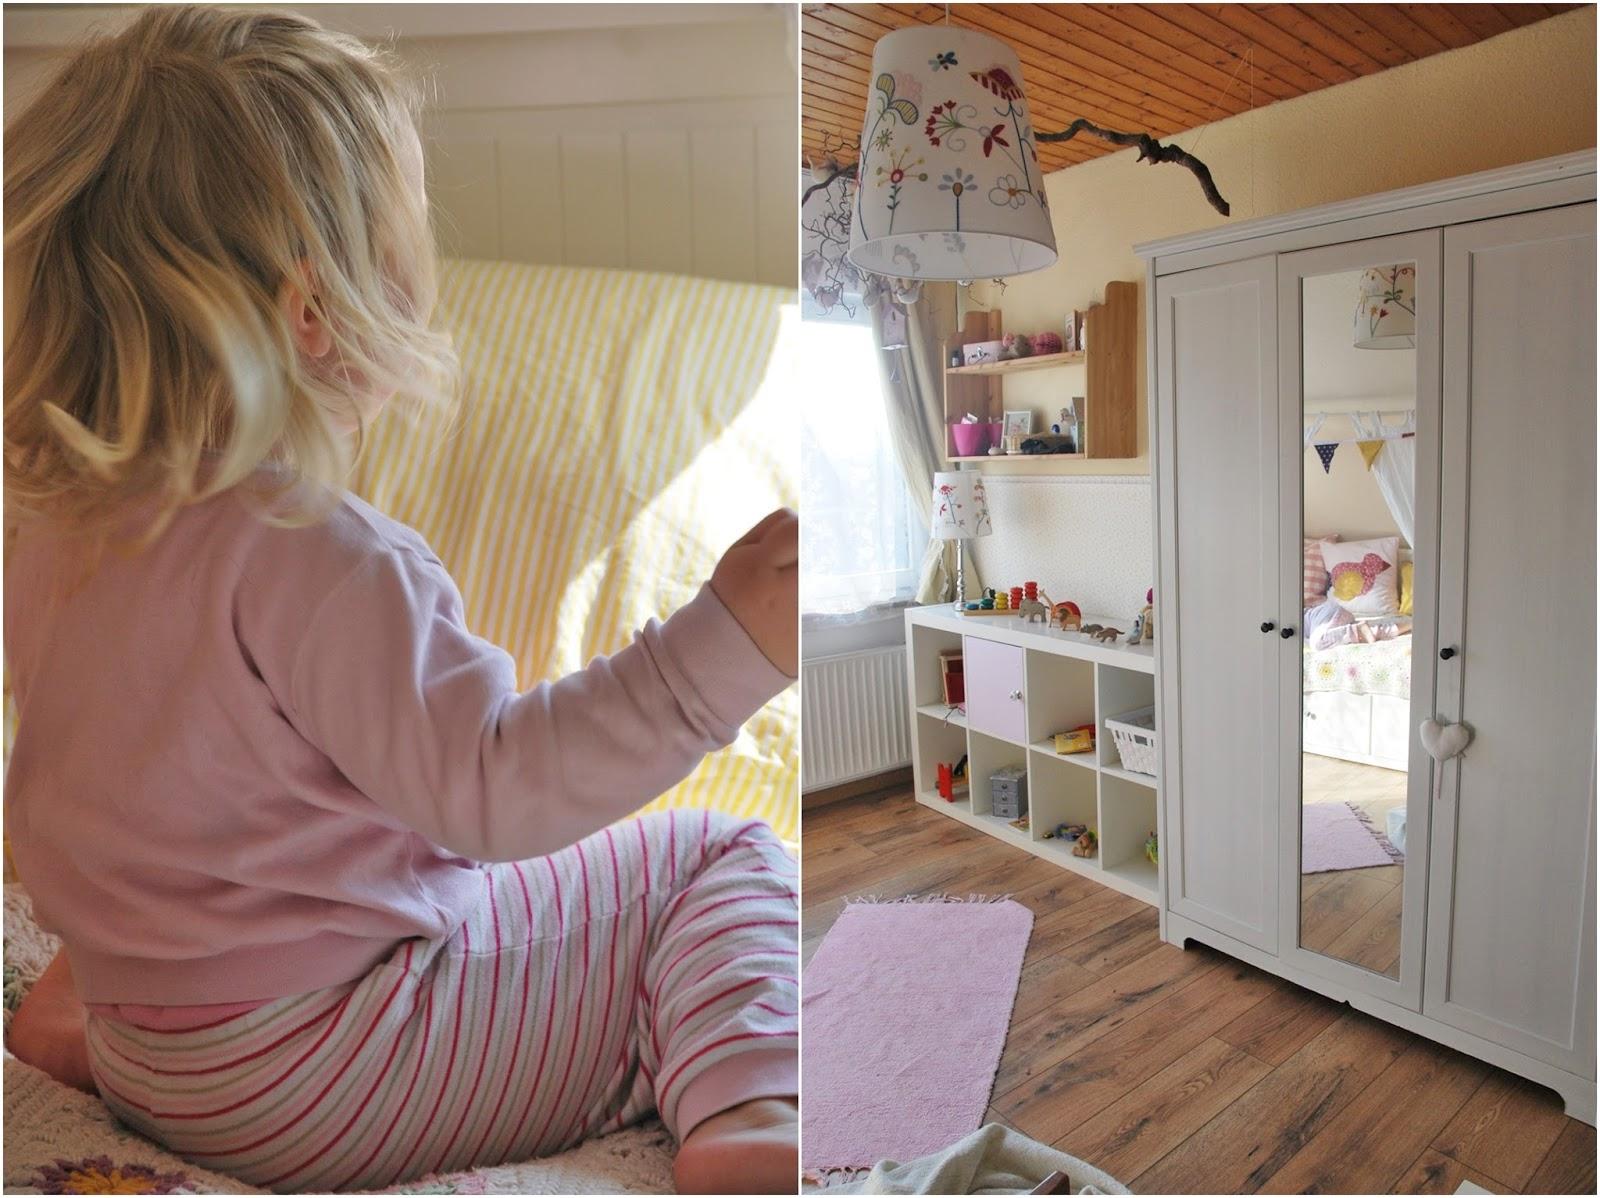 Kinderzimmer umgestaltung   wolkje